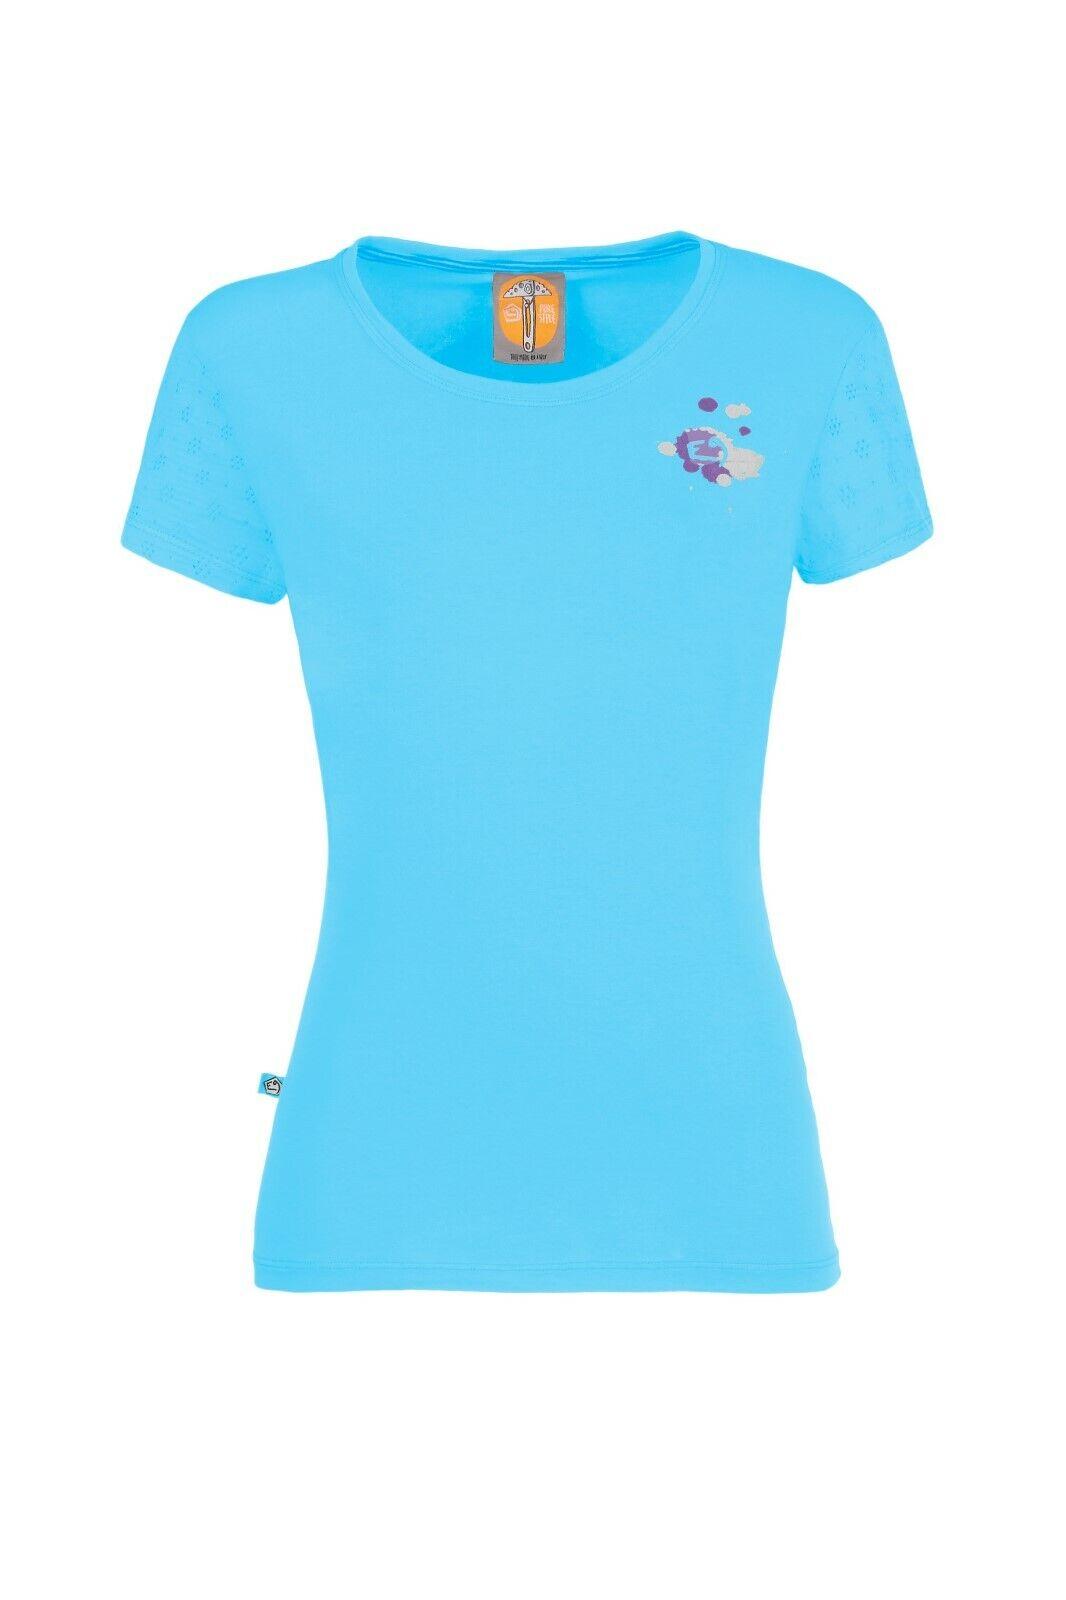 E9 Drops  elastisches T-Shirt für DaSie  cyan